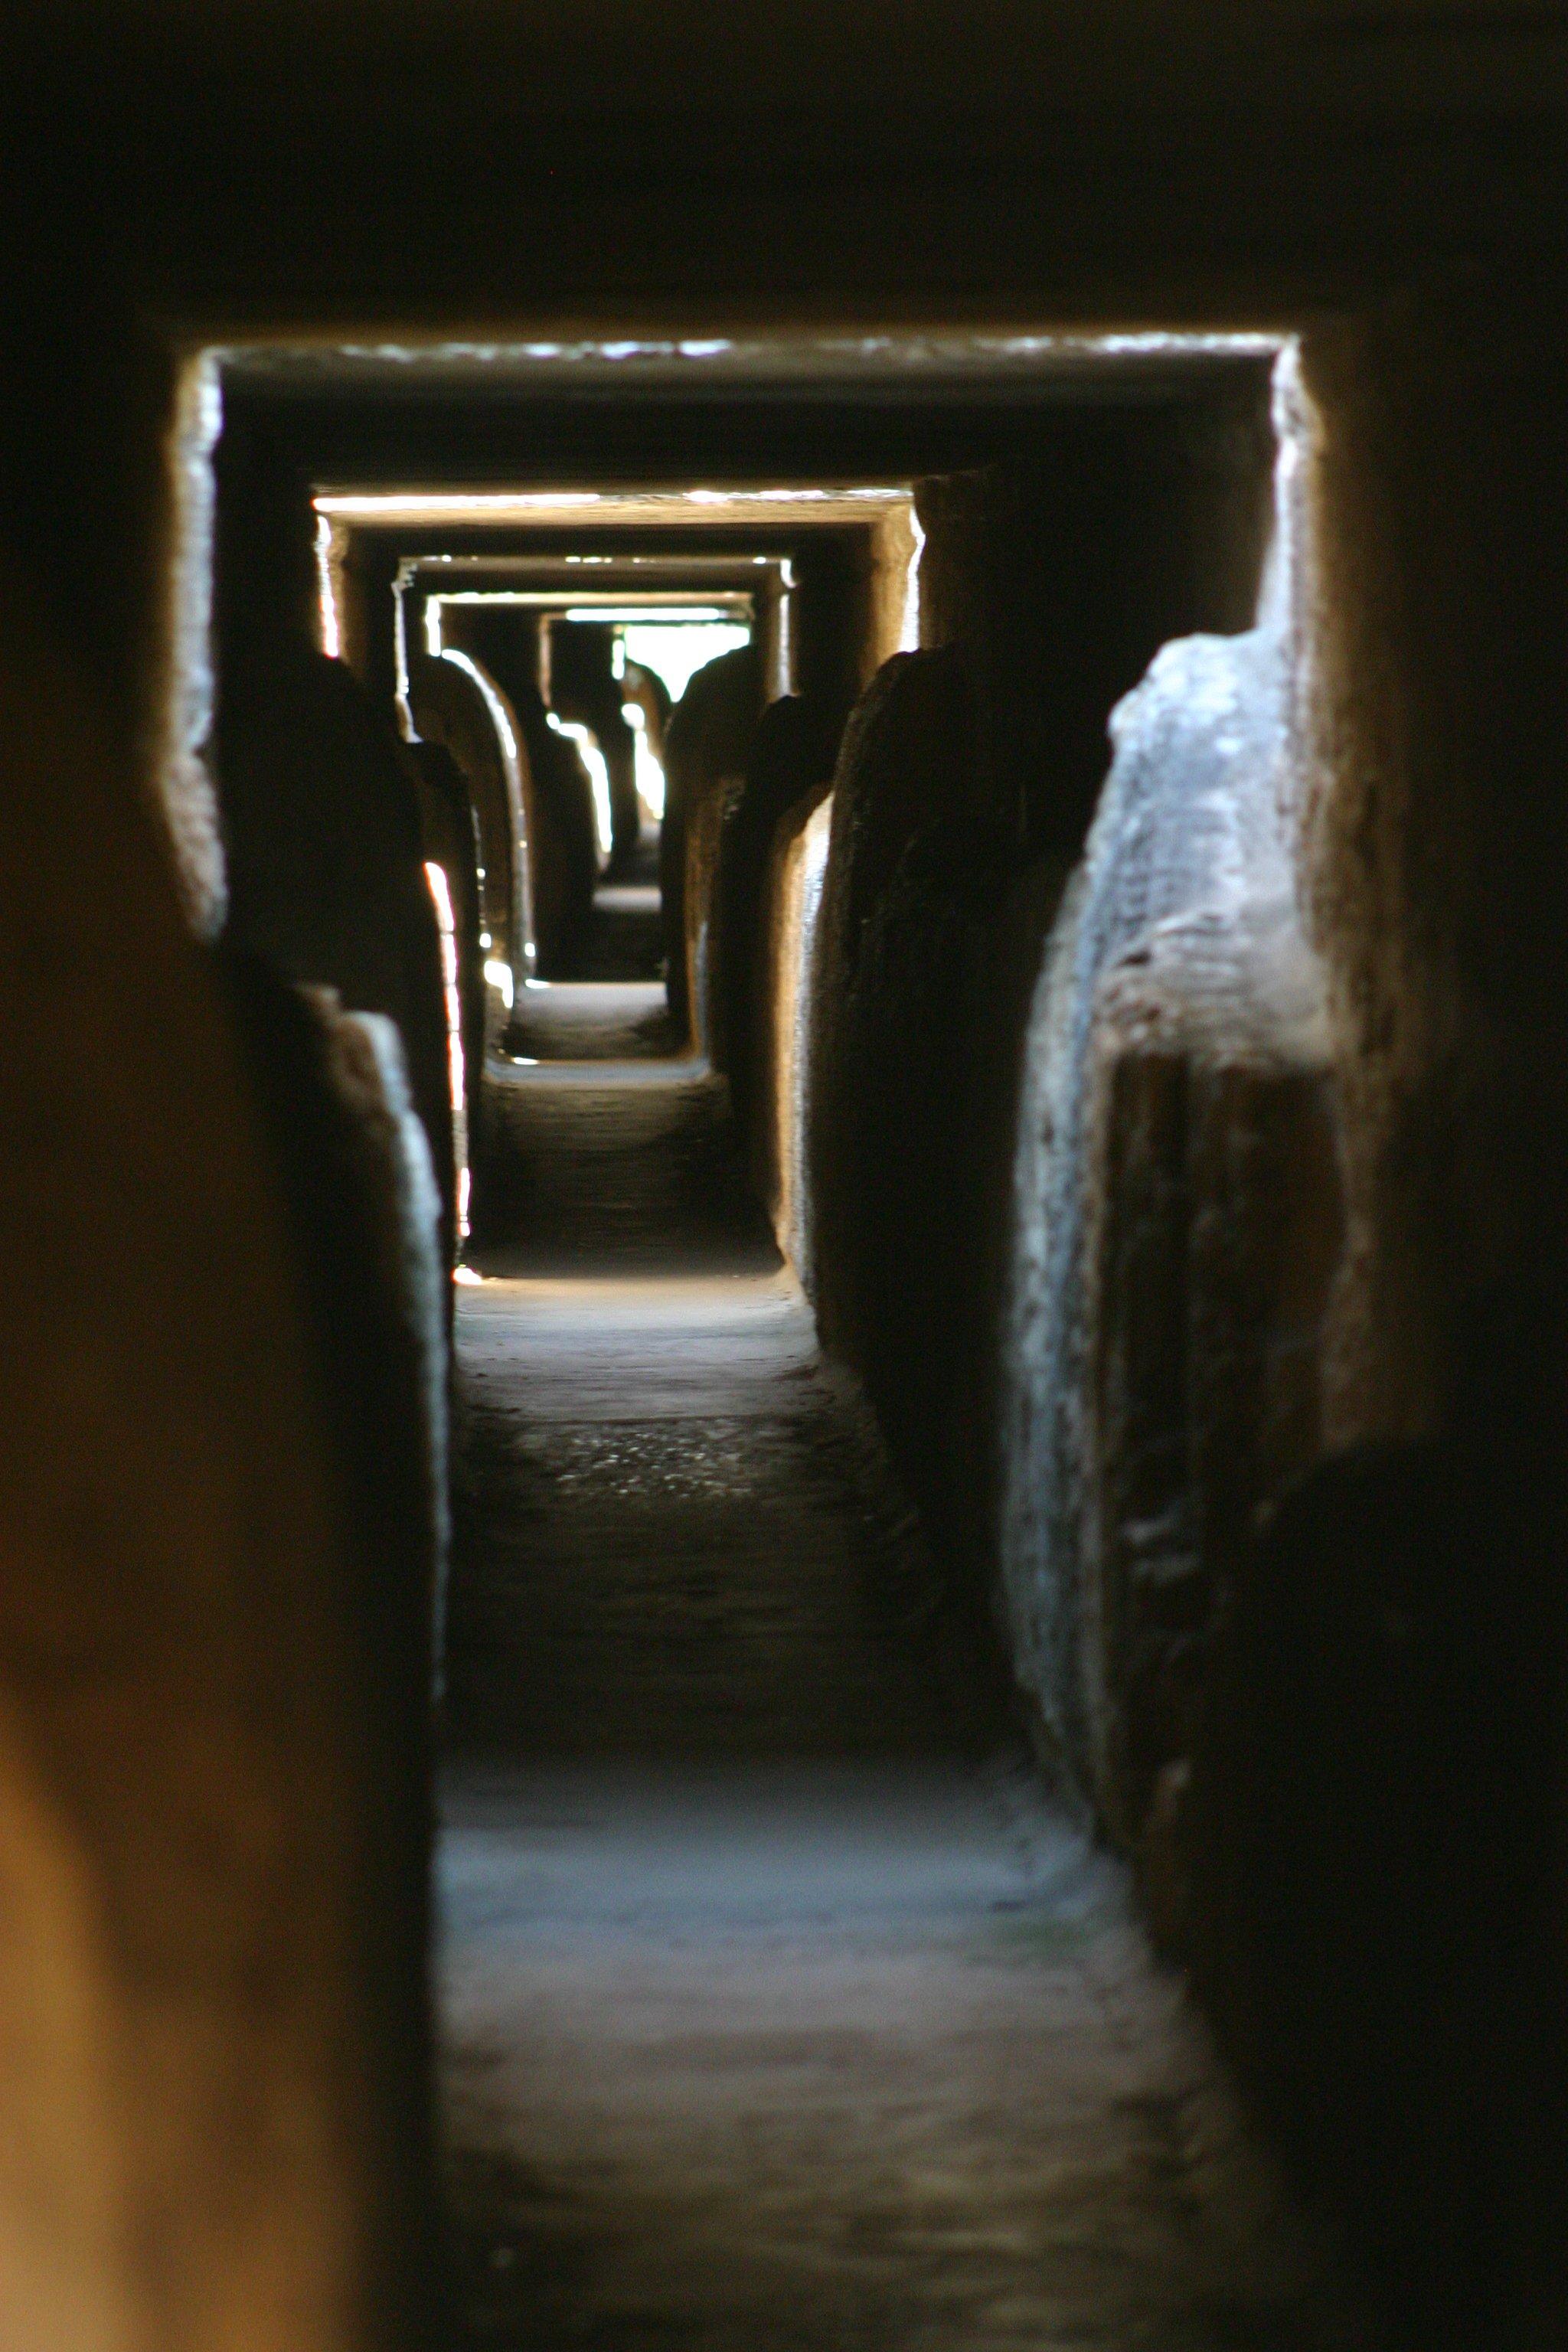 traverser le pont du Gard, intérieur du Pont du Gard, auqeduc romain, balade historique, www.balades-historiques